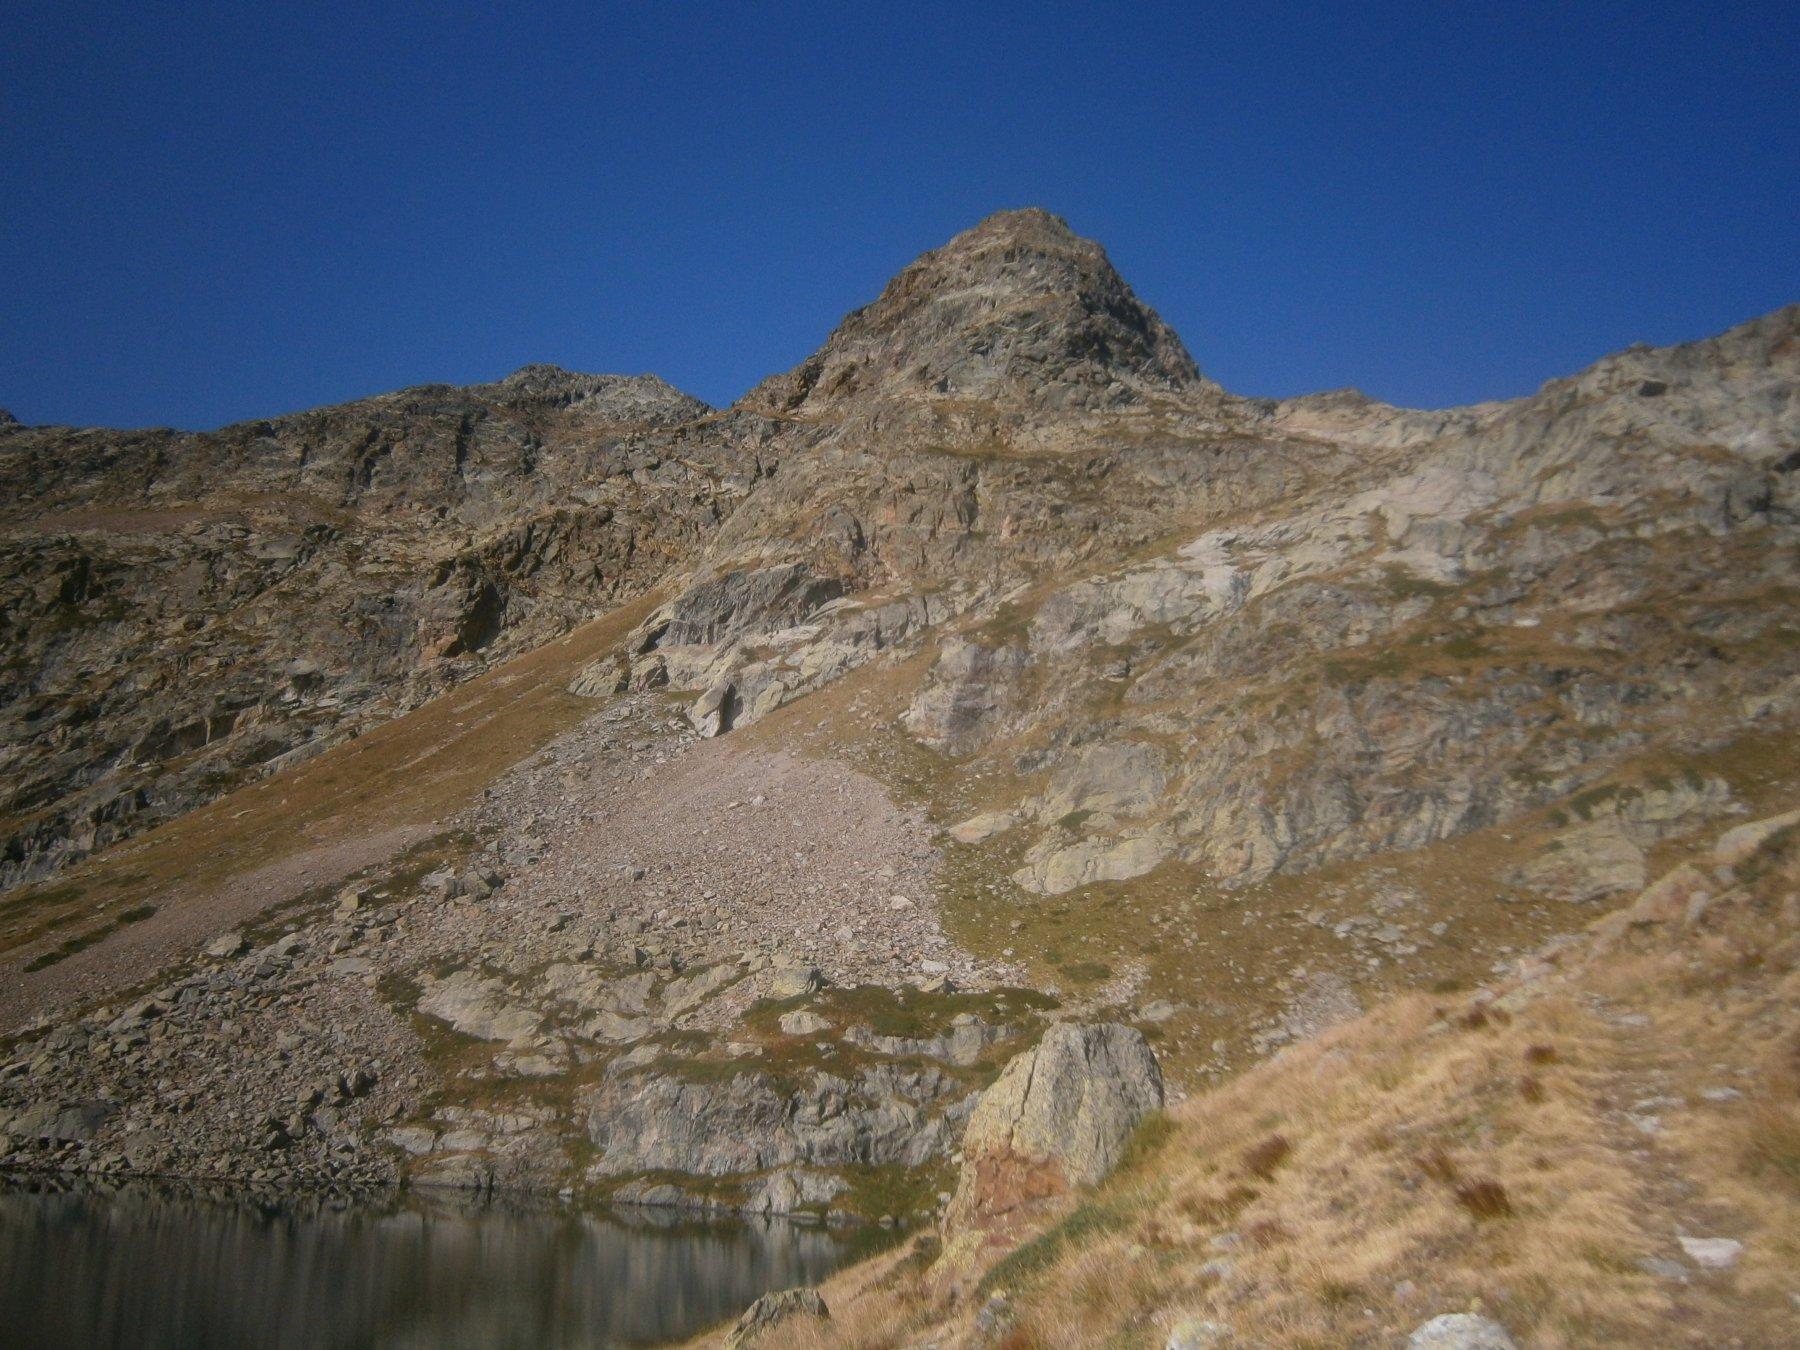 Ecco la cima vista dal lago Sella superiore